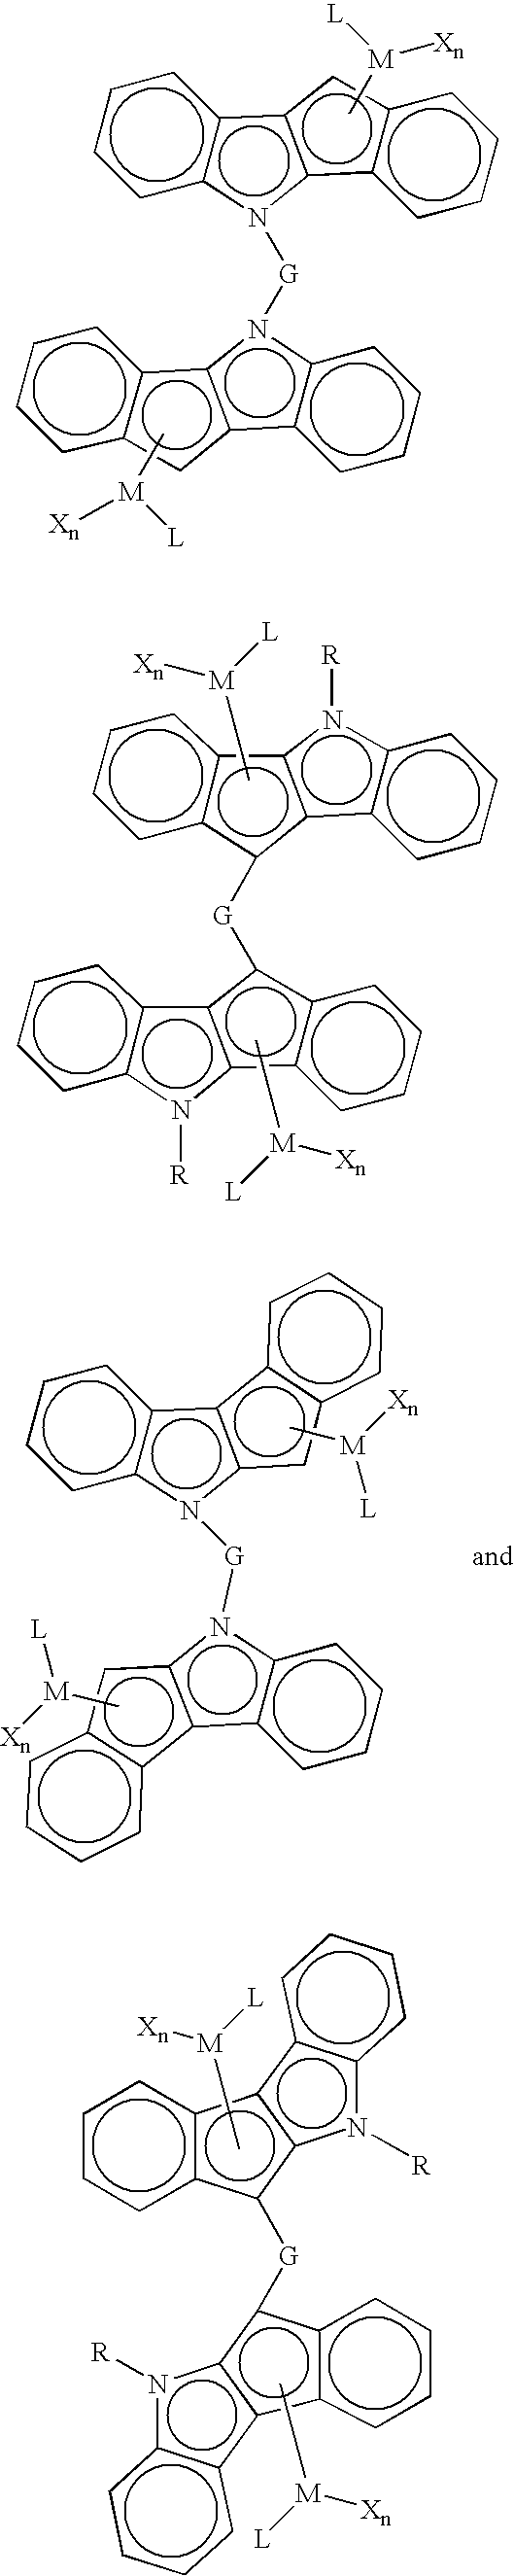 Figure US06841500-20050111-C00013